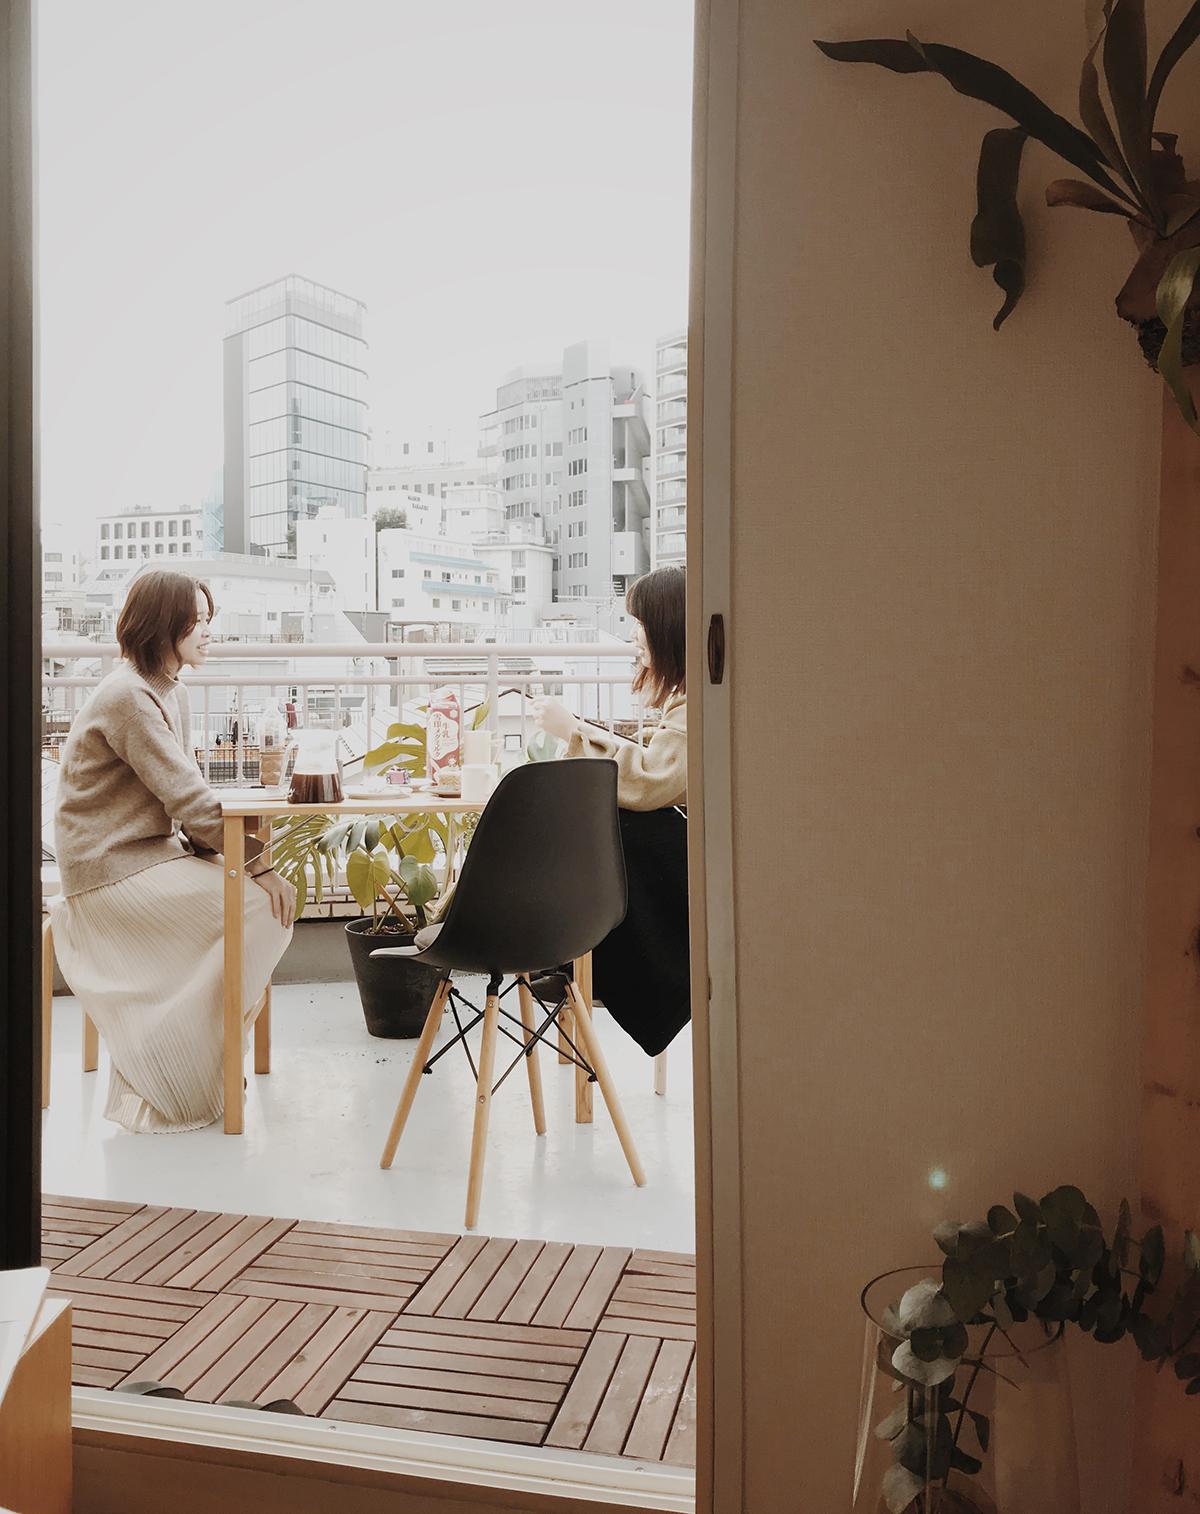 Căn hộ 33m2 có hiên nhà ngập nắng của nữ kiến trúc sư ở thủ đô - Ảnh 5.